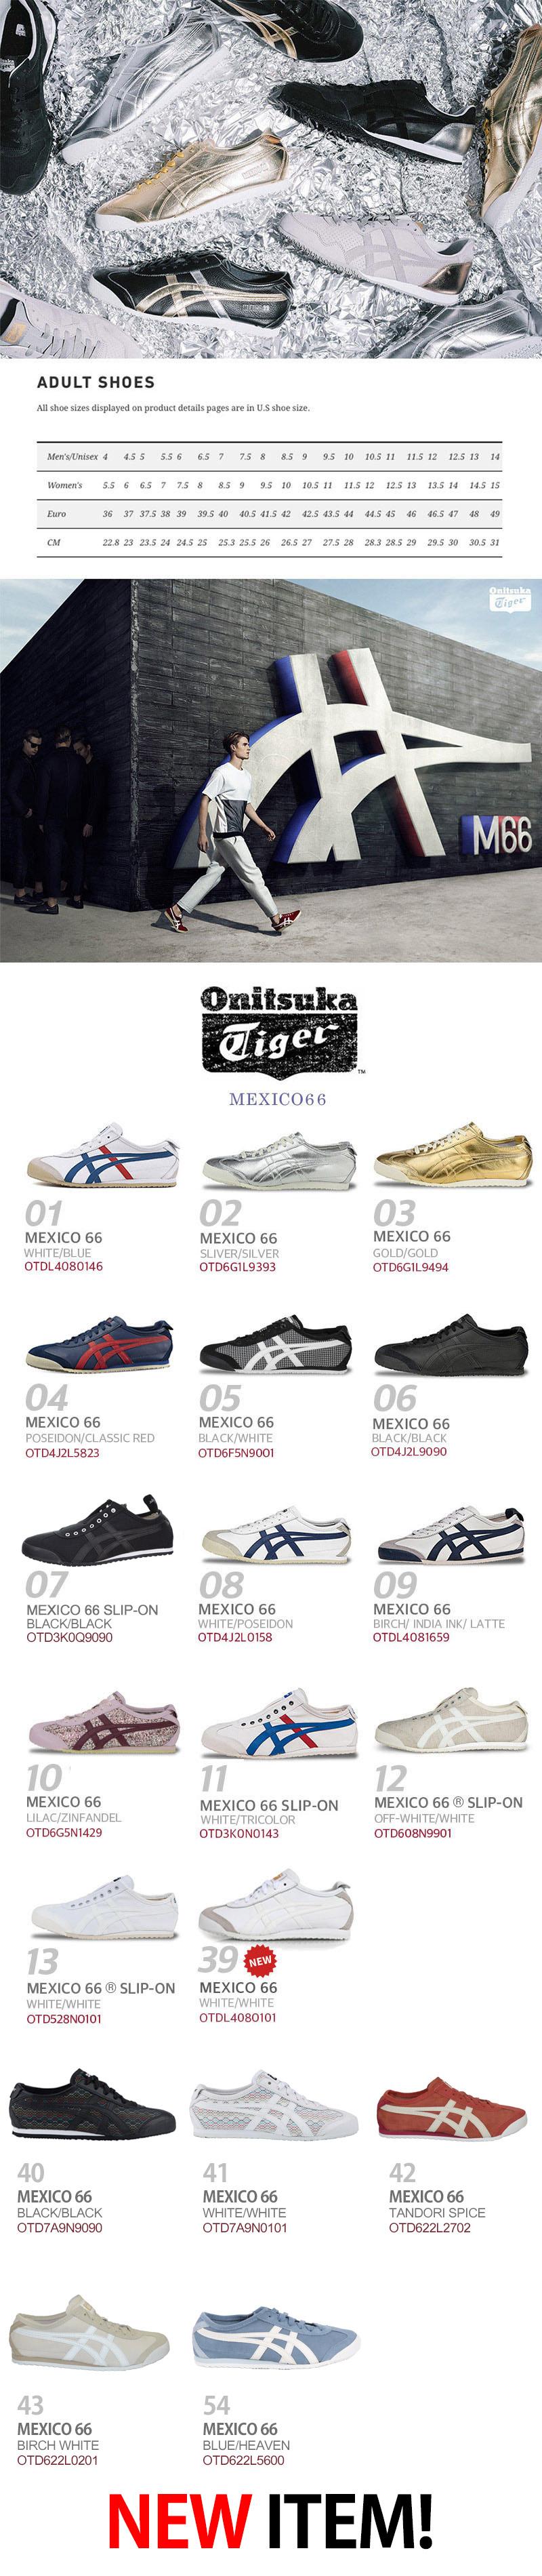 7ec12609d4bc2 Buy  SUPER SALE  Onitsuka Tiger Mexico66 Simply Women Men Casual ...